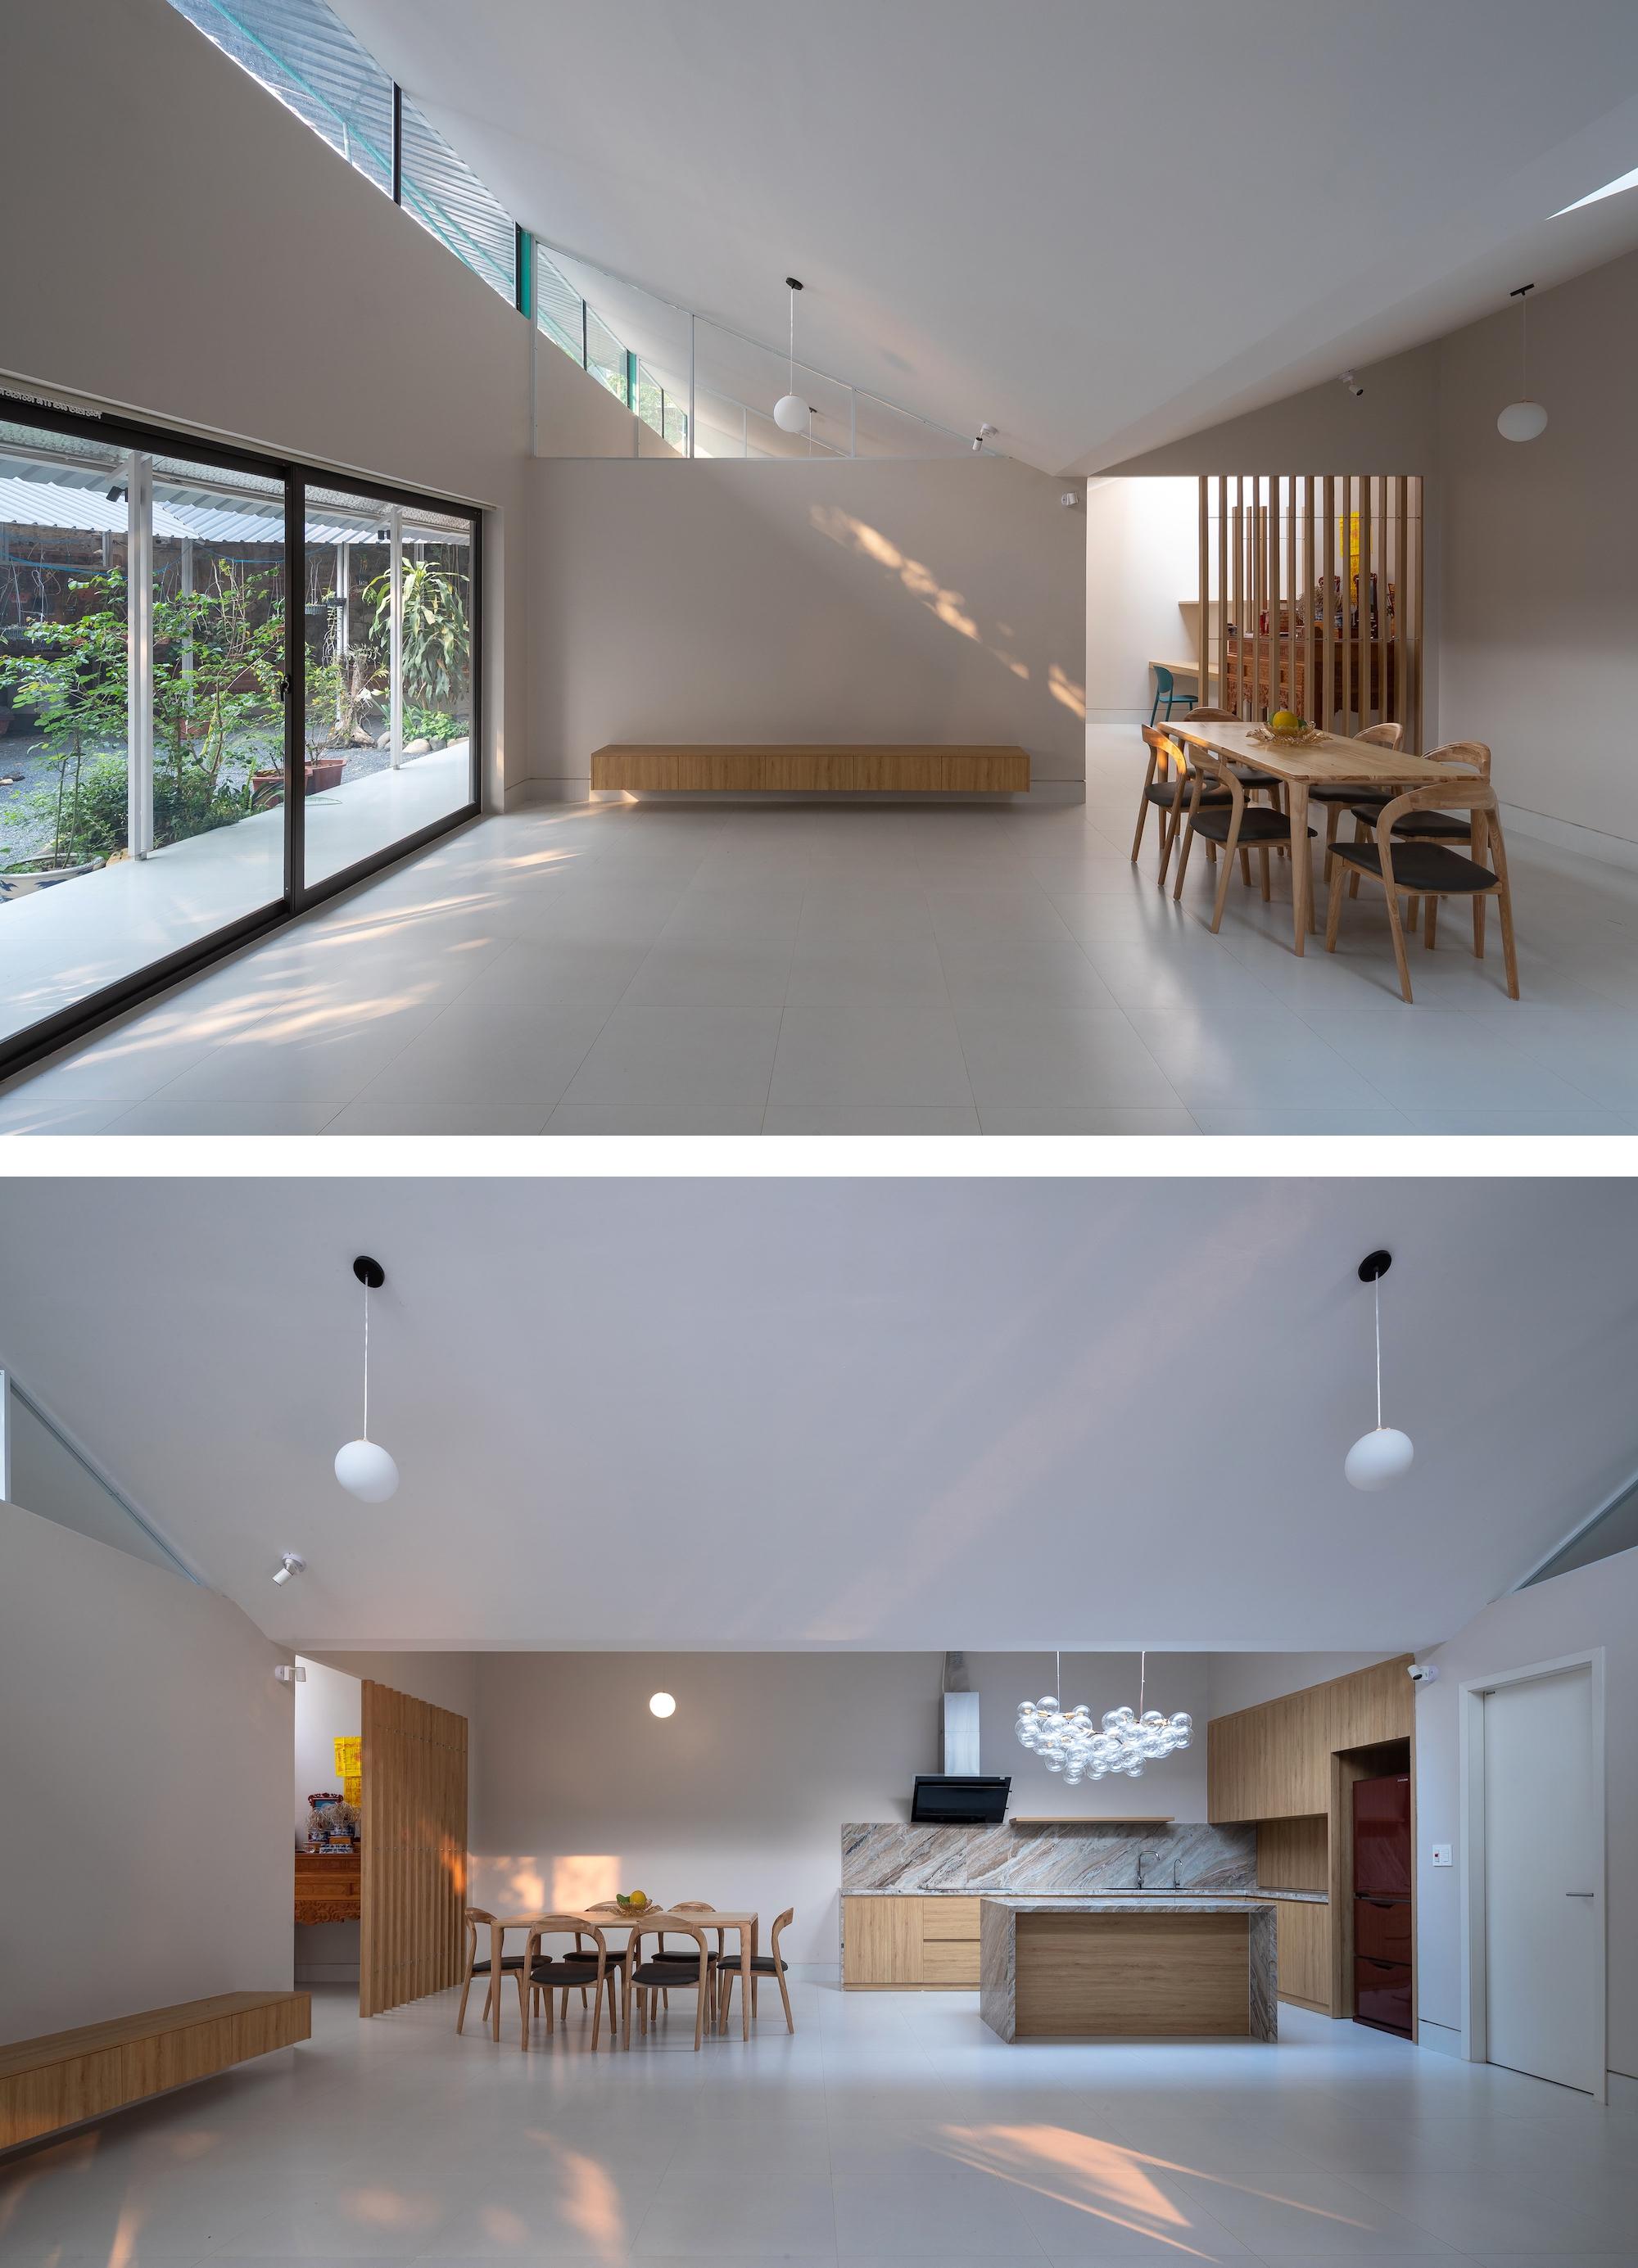 Không gian bên trong với điểm nhấn là trần chữ V. Việc sử dụng ít đồ đạc, màu sắc khiến căn nhà rộng, sáng và thoáng hơn.